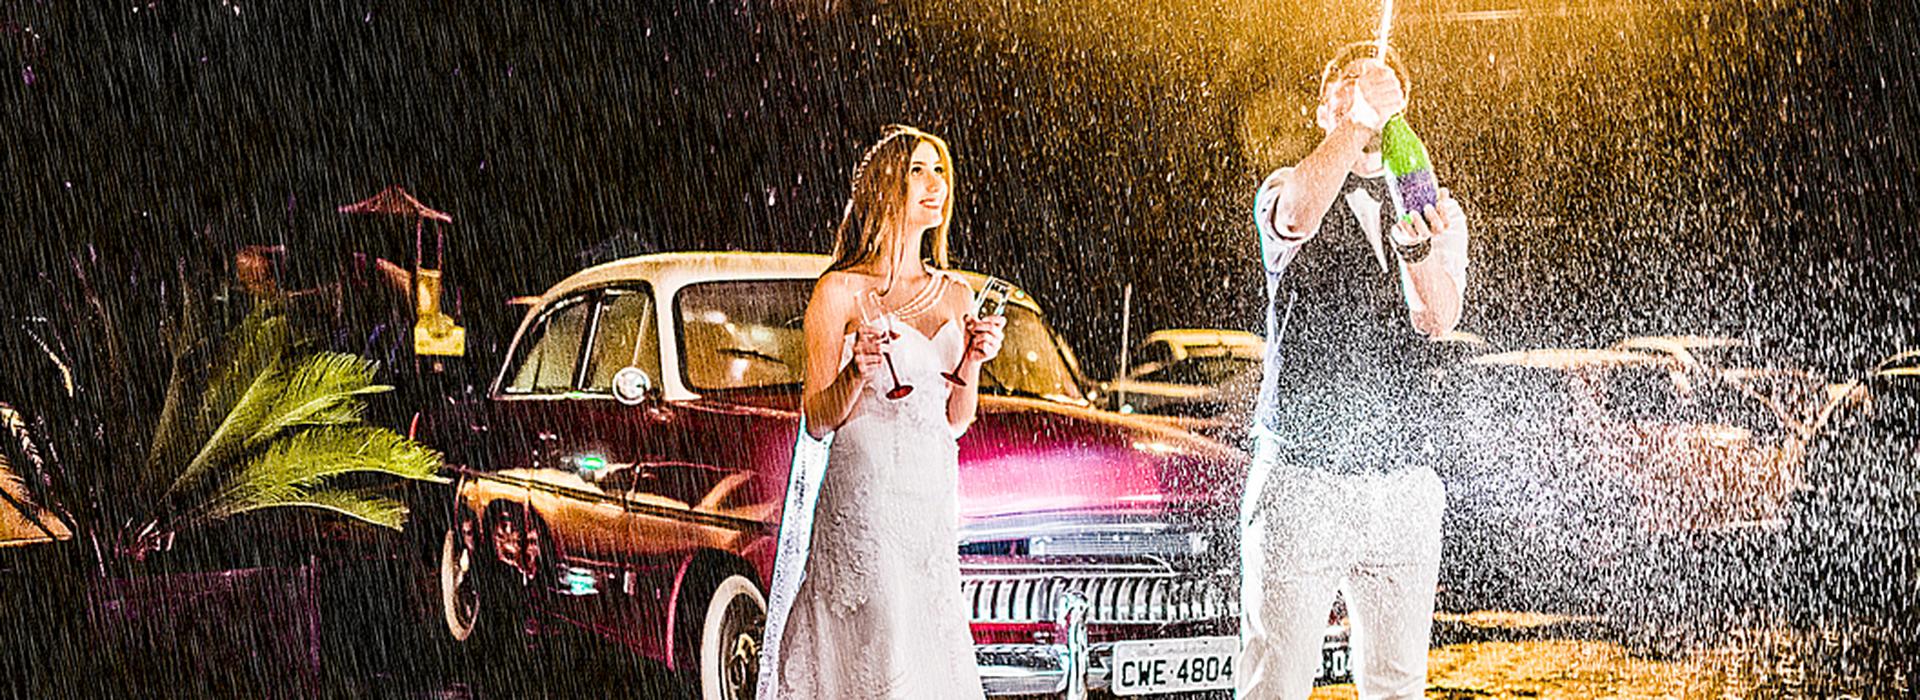 casamento, wedding de Andréas e Jhenny em Armalwee - Jaraguá do Sul - SC